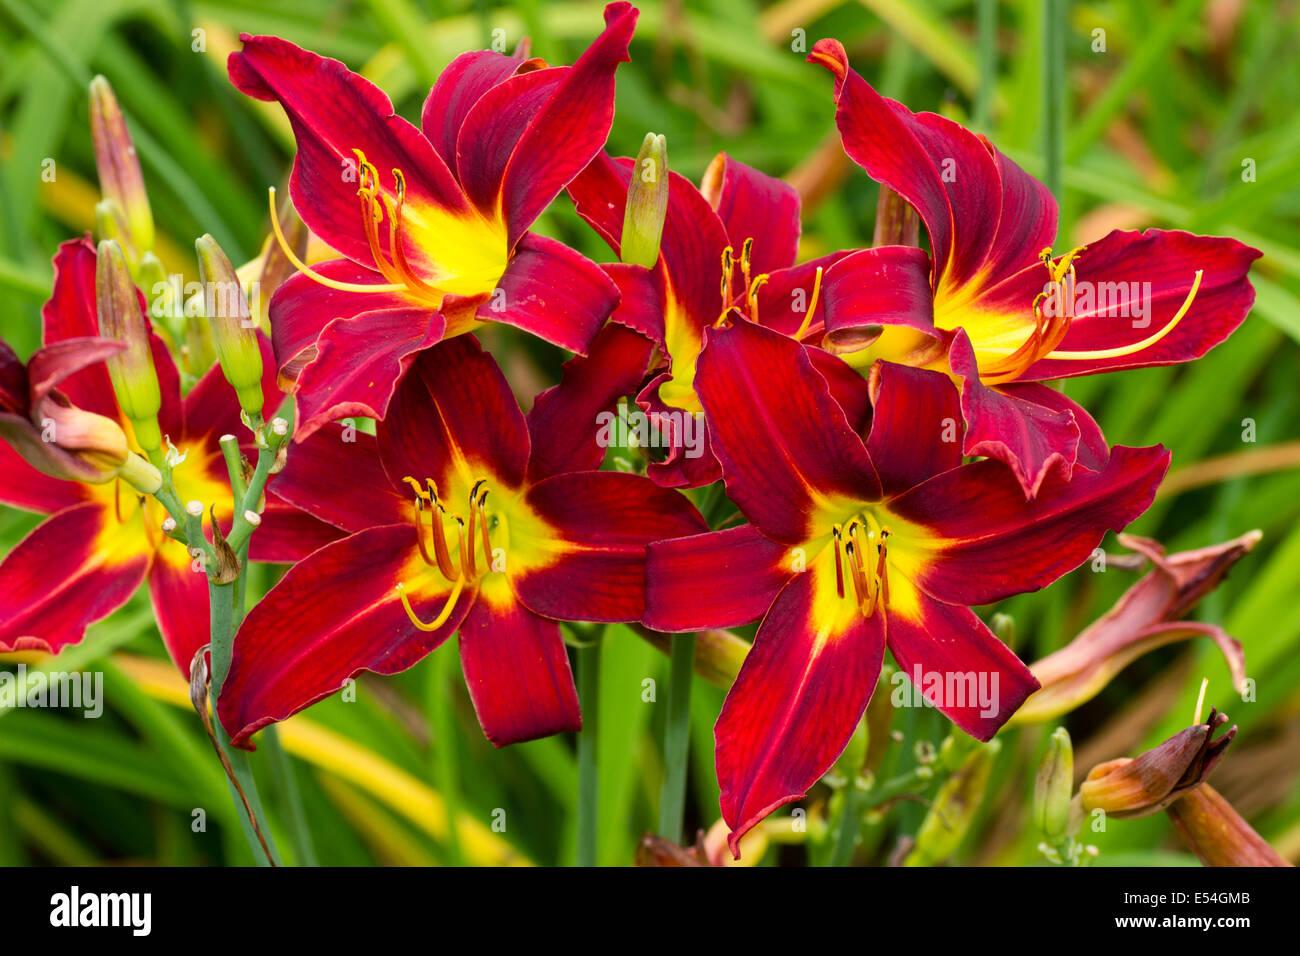 Fleurs écarlates à gorge jaune de l'hémérocalle, Hemerocallis 'Colibri' Photo Stock